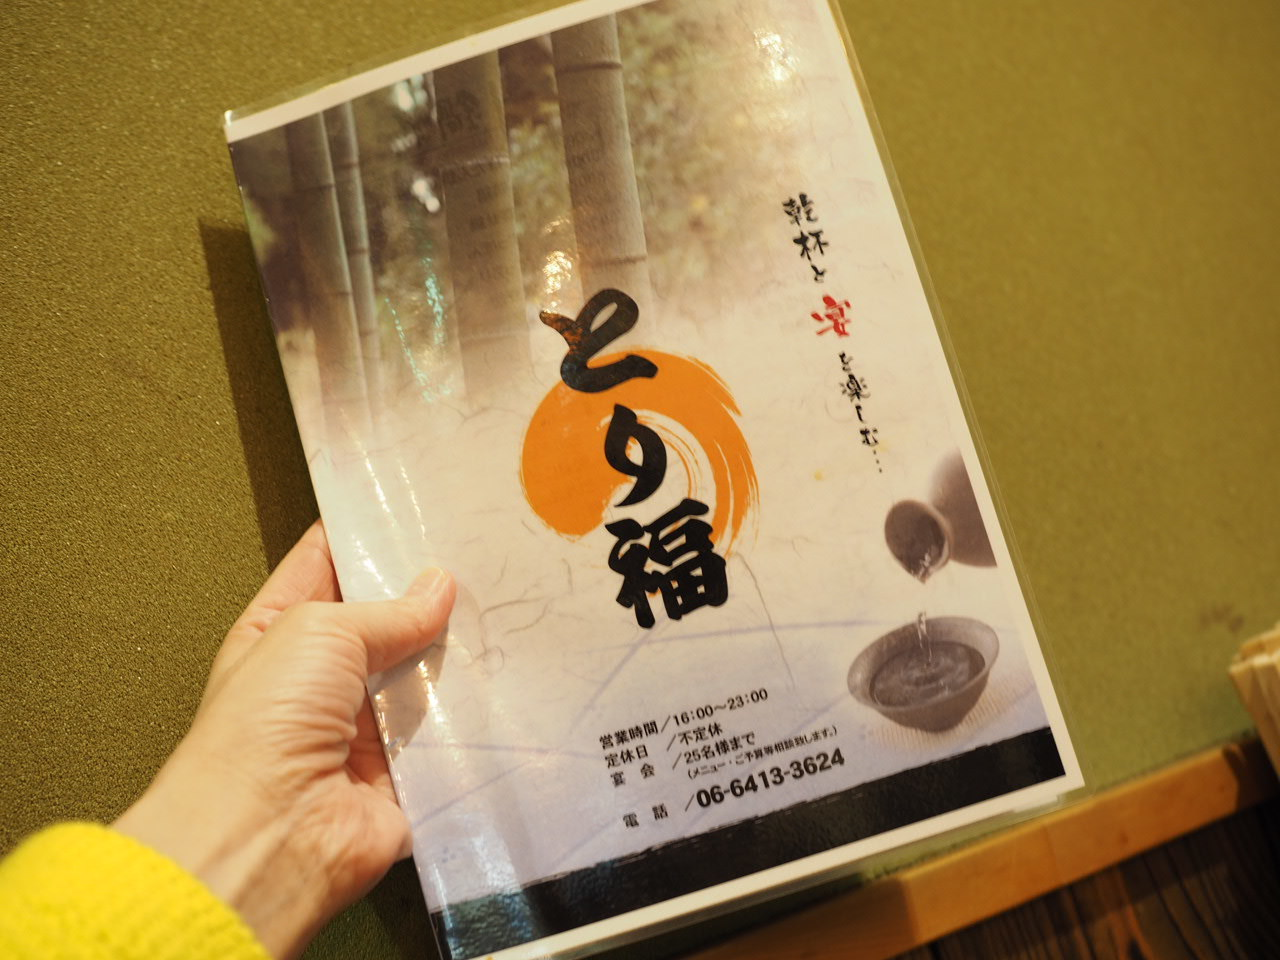 尼崎センタープールの老舗の名店・とり福さんでイノシシ鍋_f0135940_01240961.jpg